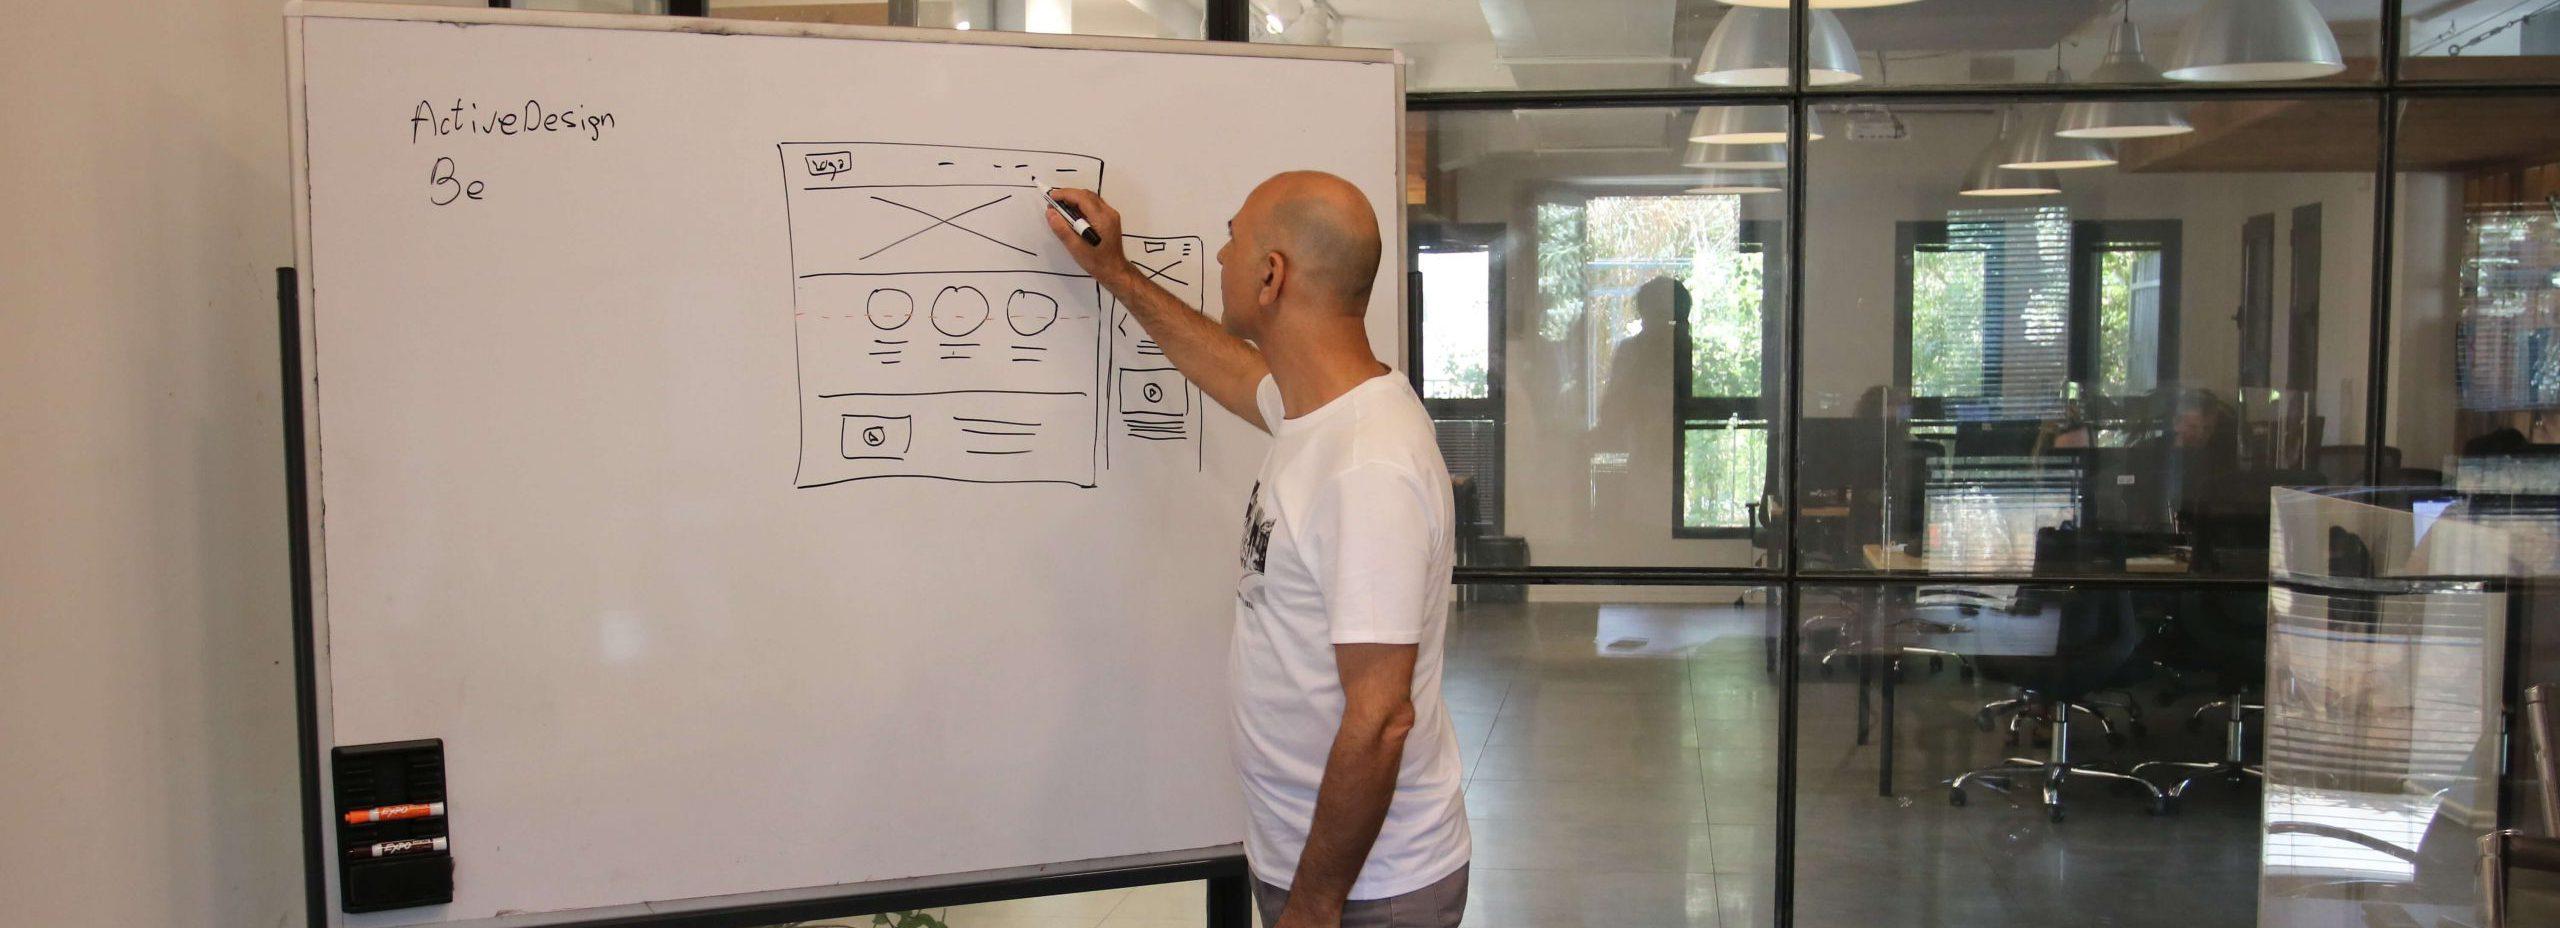 קורס עיצוב ממשק וחווית משתמש UI/UX